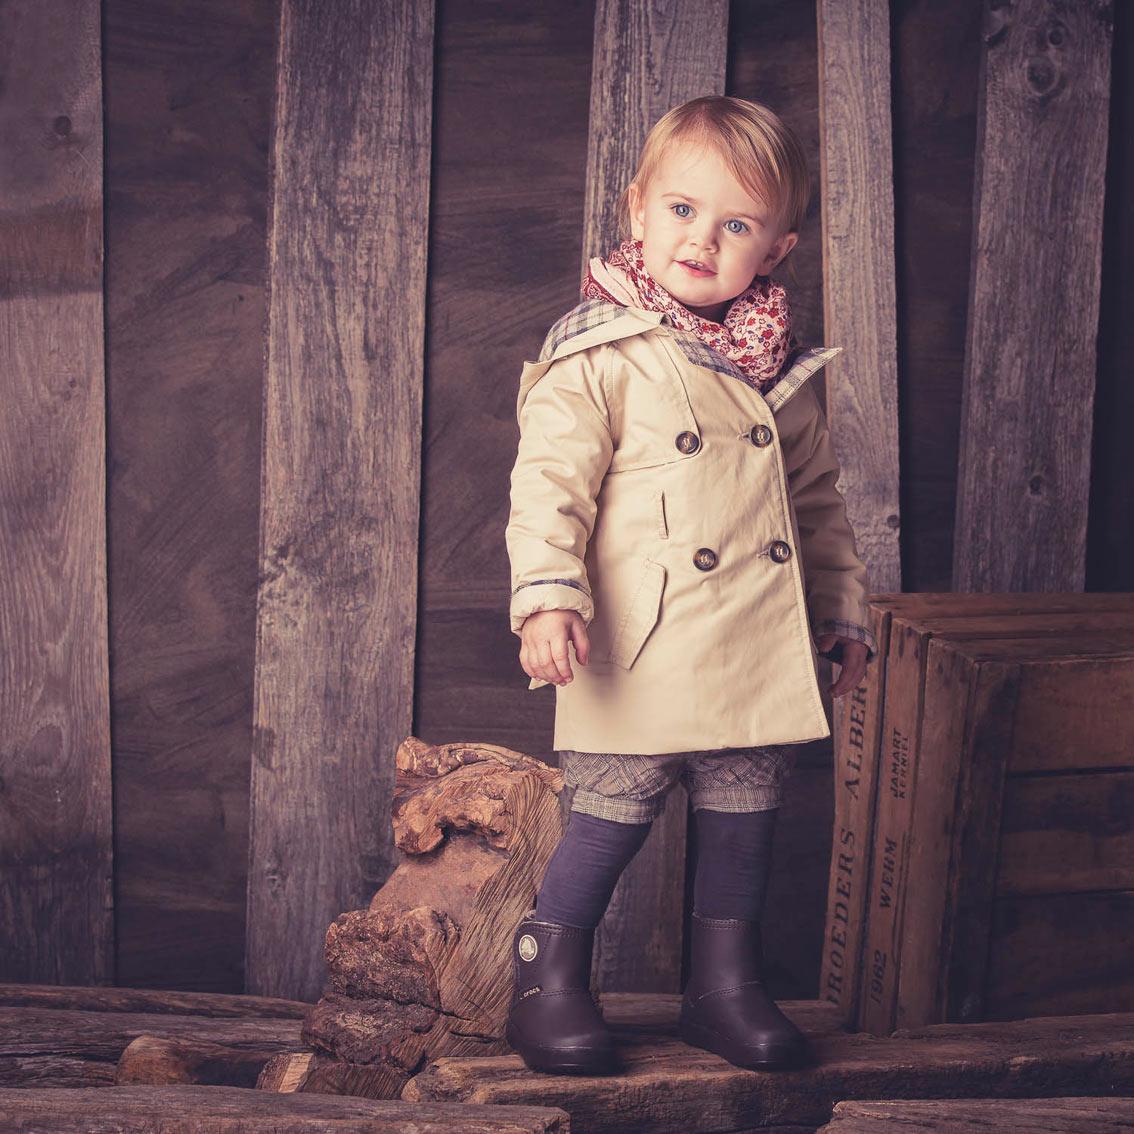 kids-kinder-kinderfotos-kinder-shooting-aachen-kinderportrait-kinderbilder-heinsberg-kinderfotografie-dueren-aachen-alsdorf-048